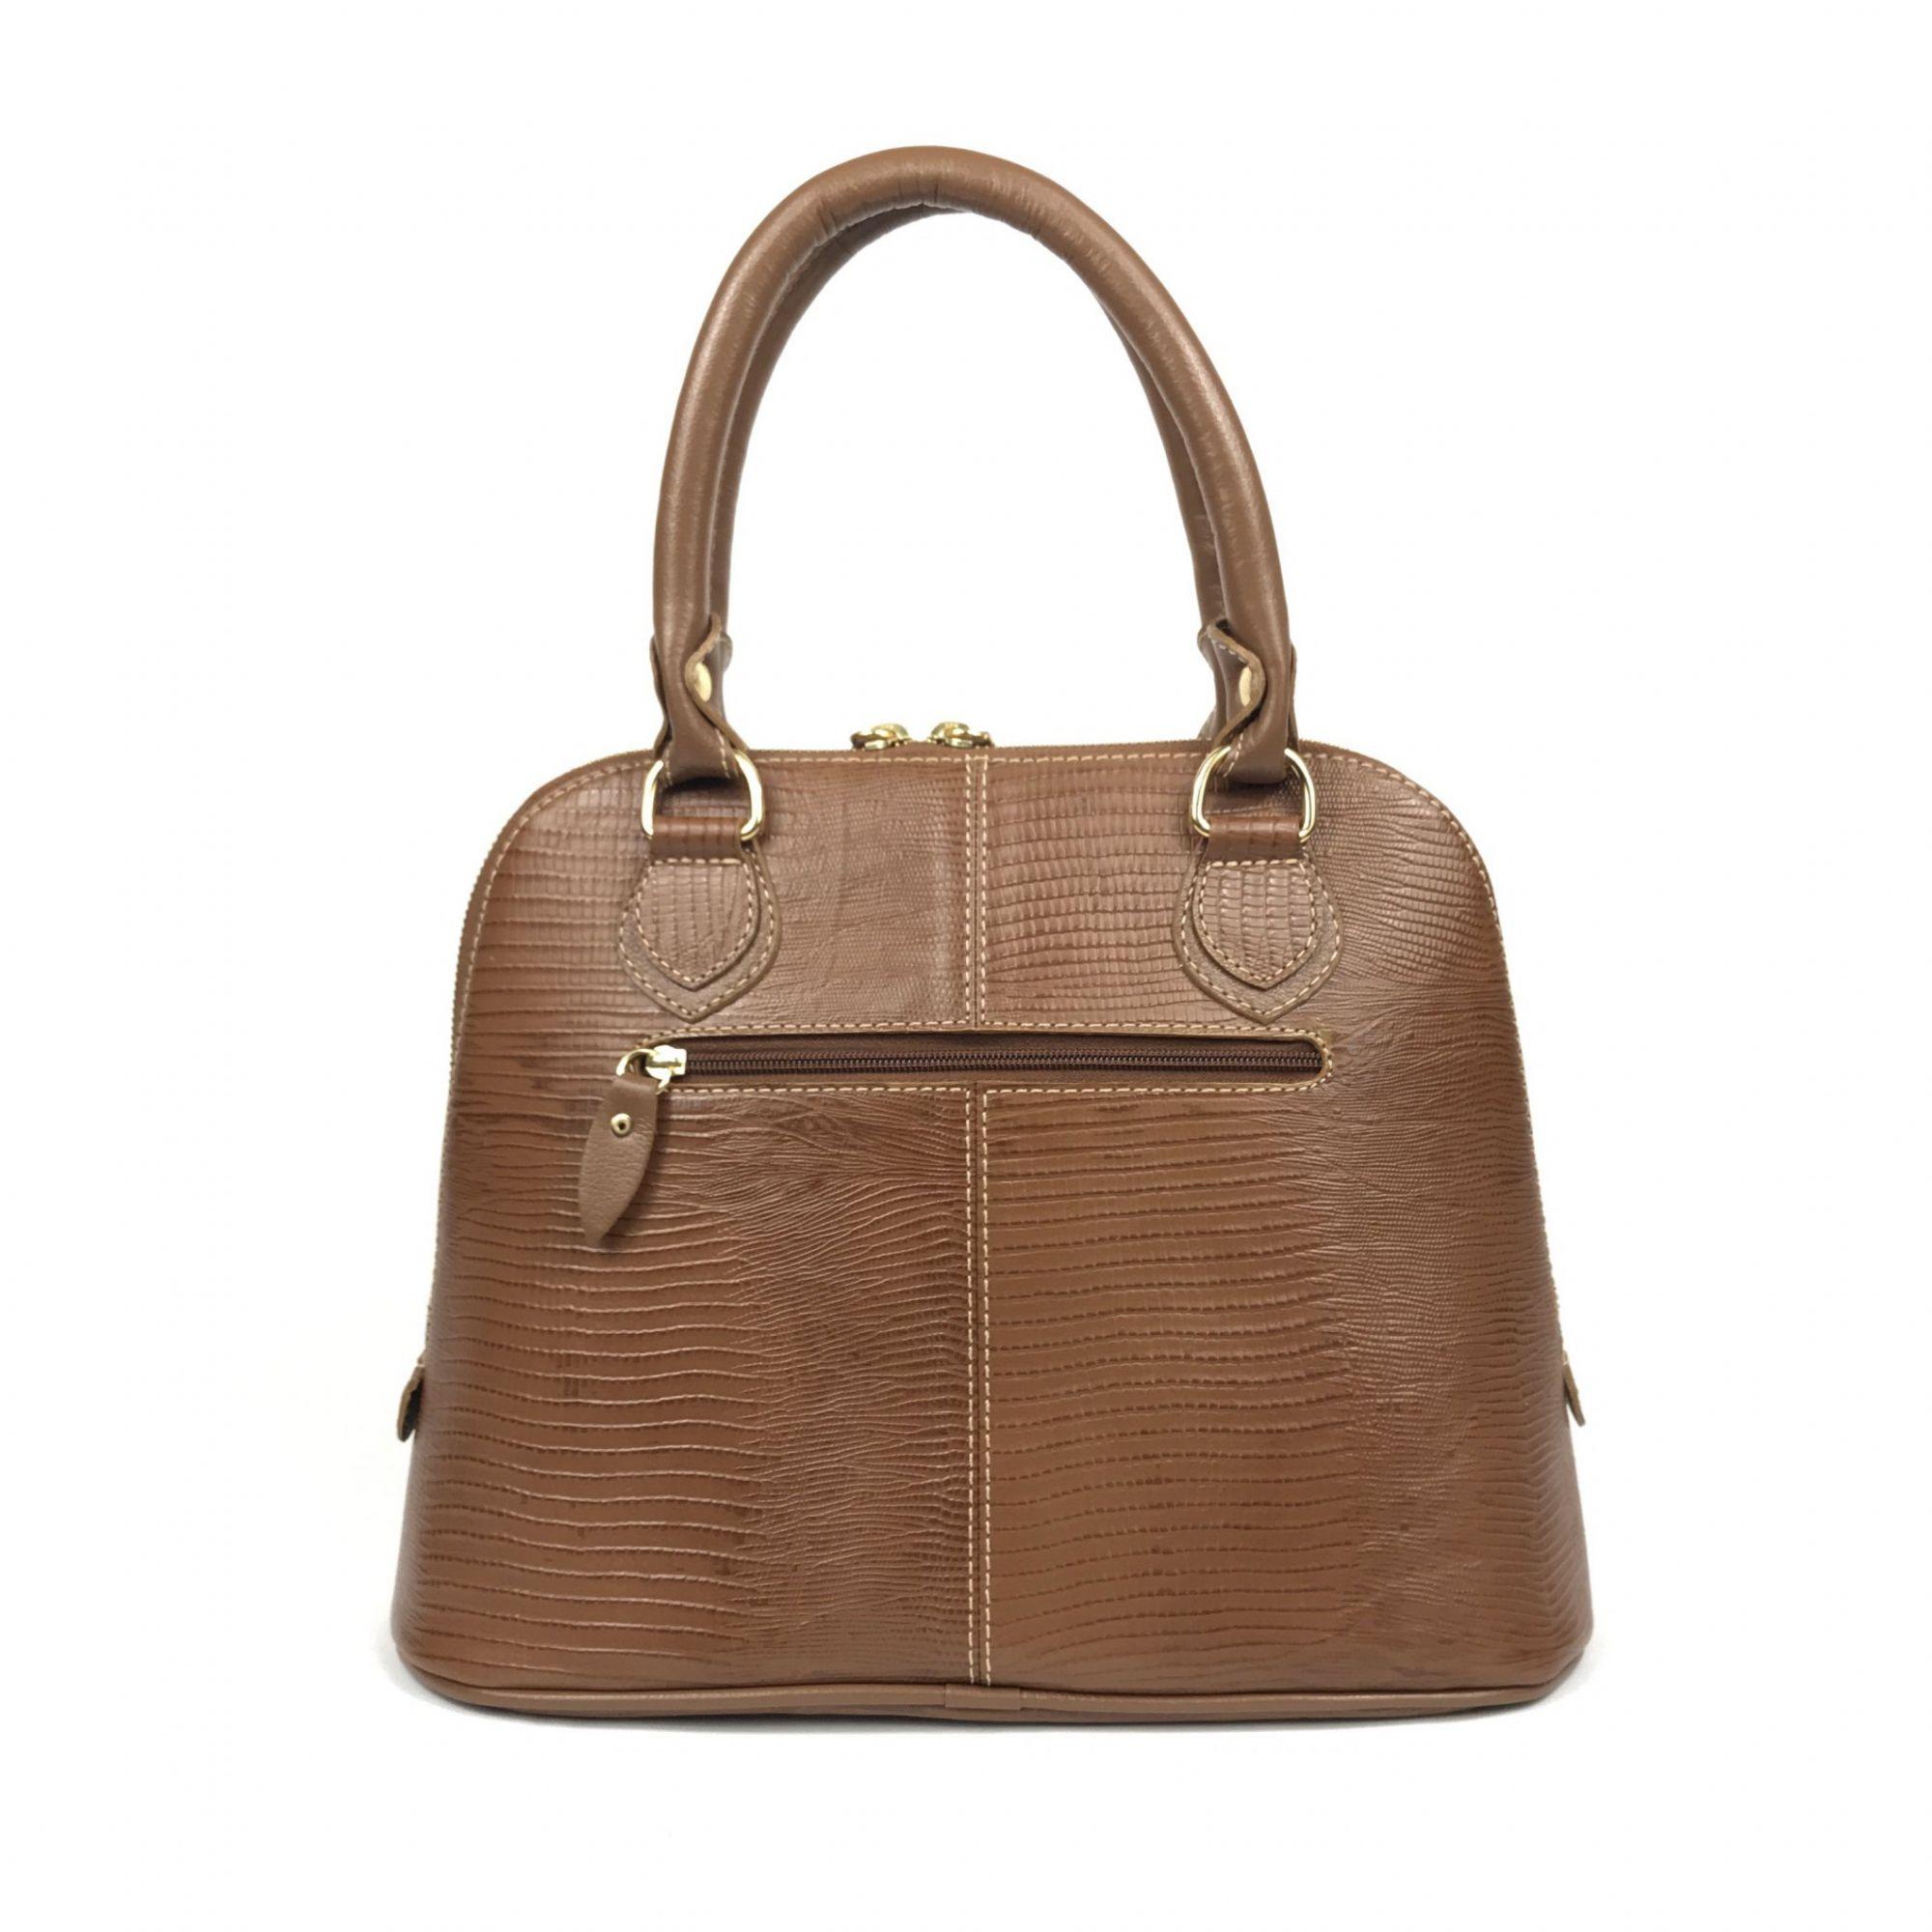 74d96e683 ... Bolsa feminina de couro média marrom bambu com alça de mão HB681 |  HAMISH ...